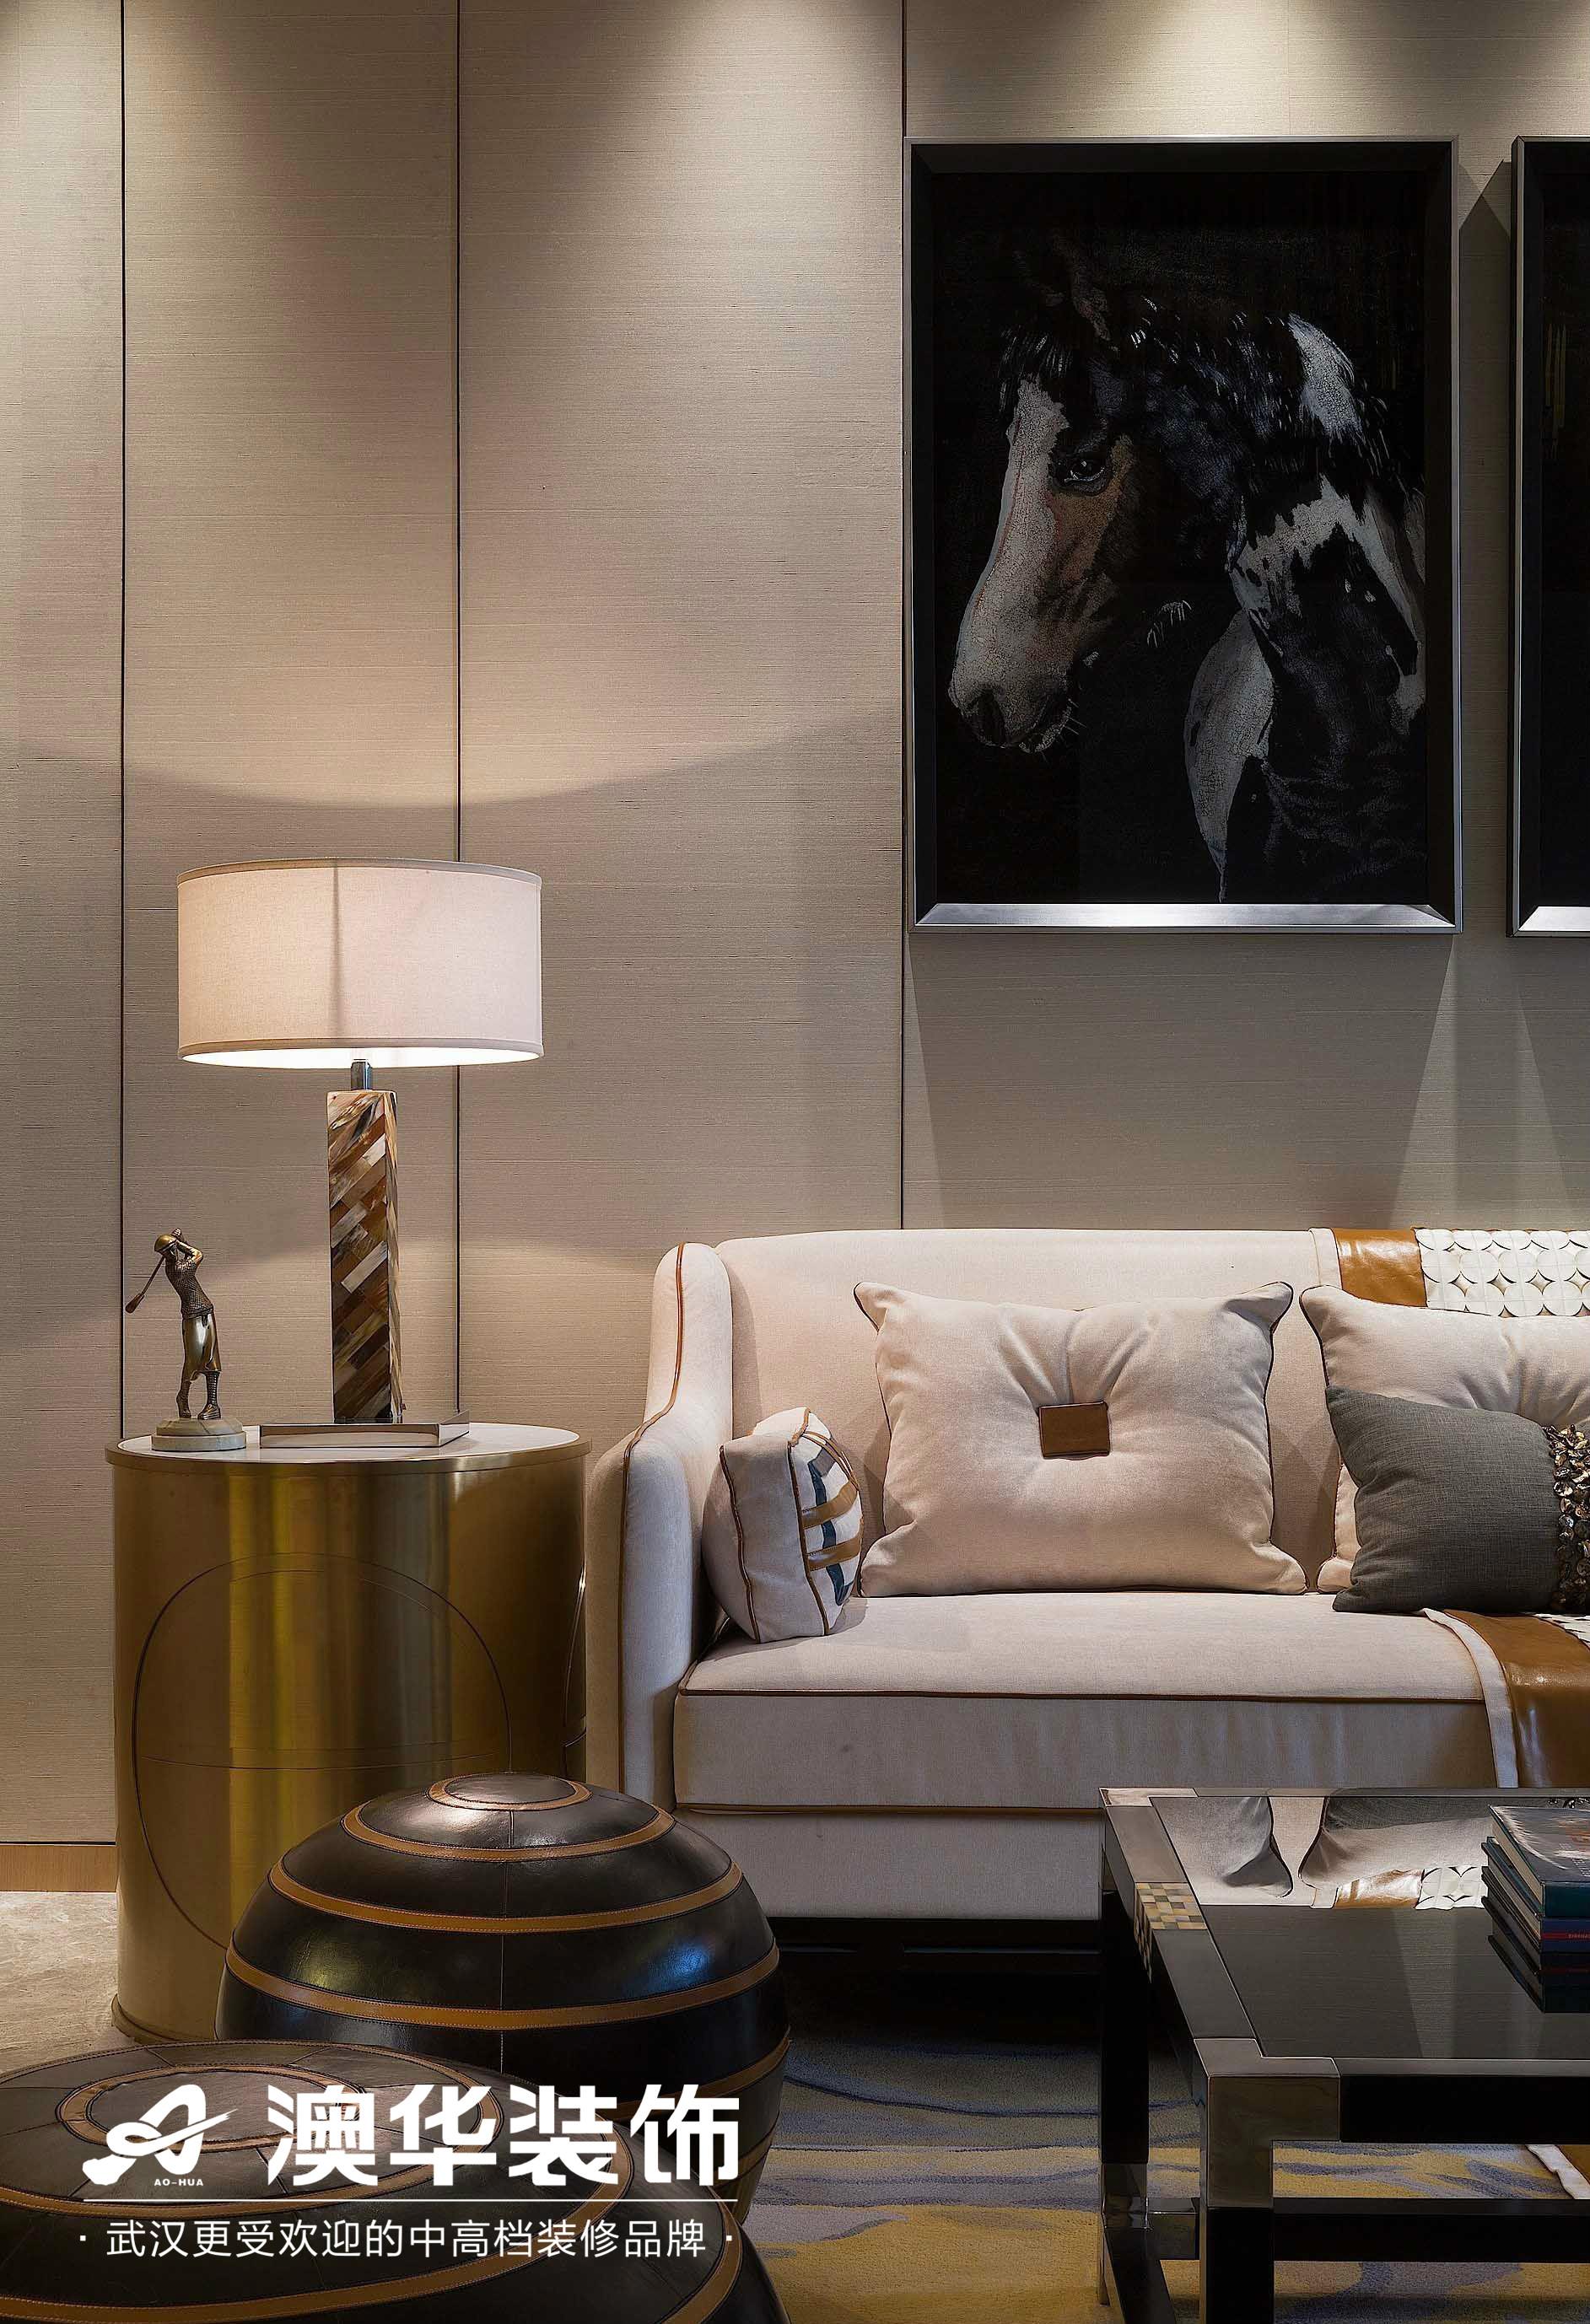 客厅图片来自澳华装饰有限公司在丰尚御龙湾现代风格的分享